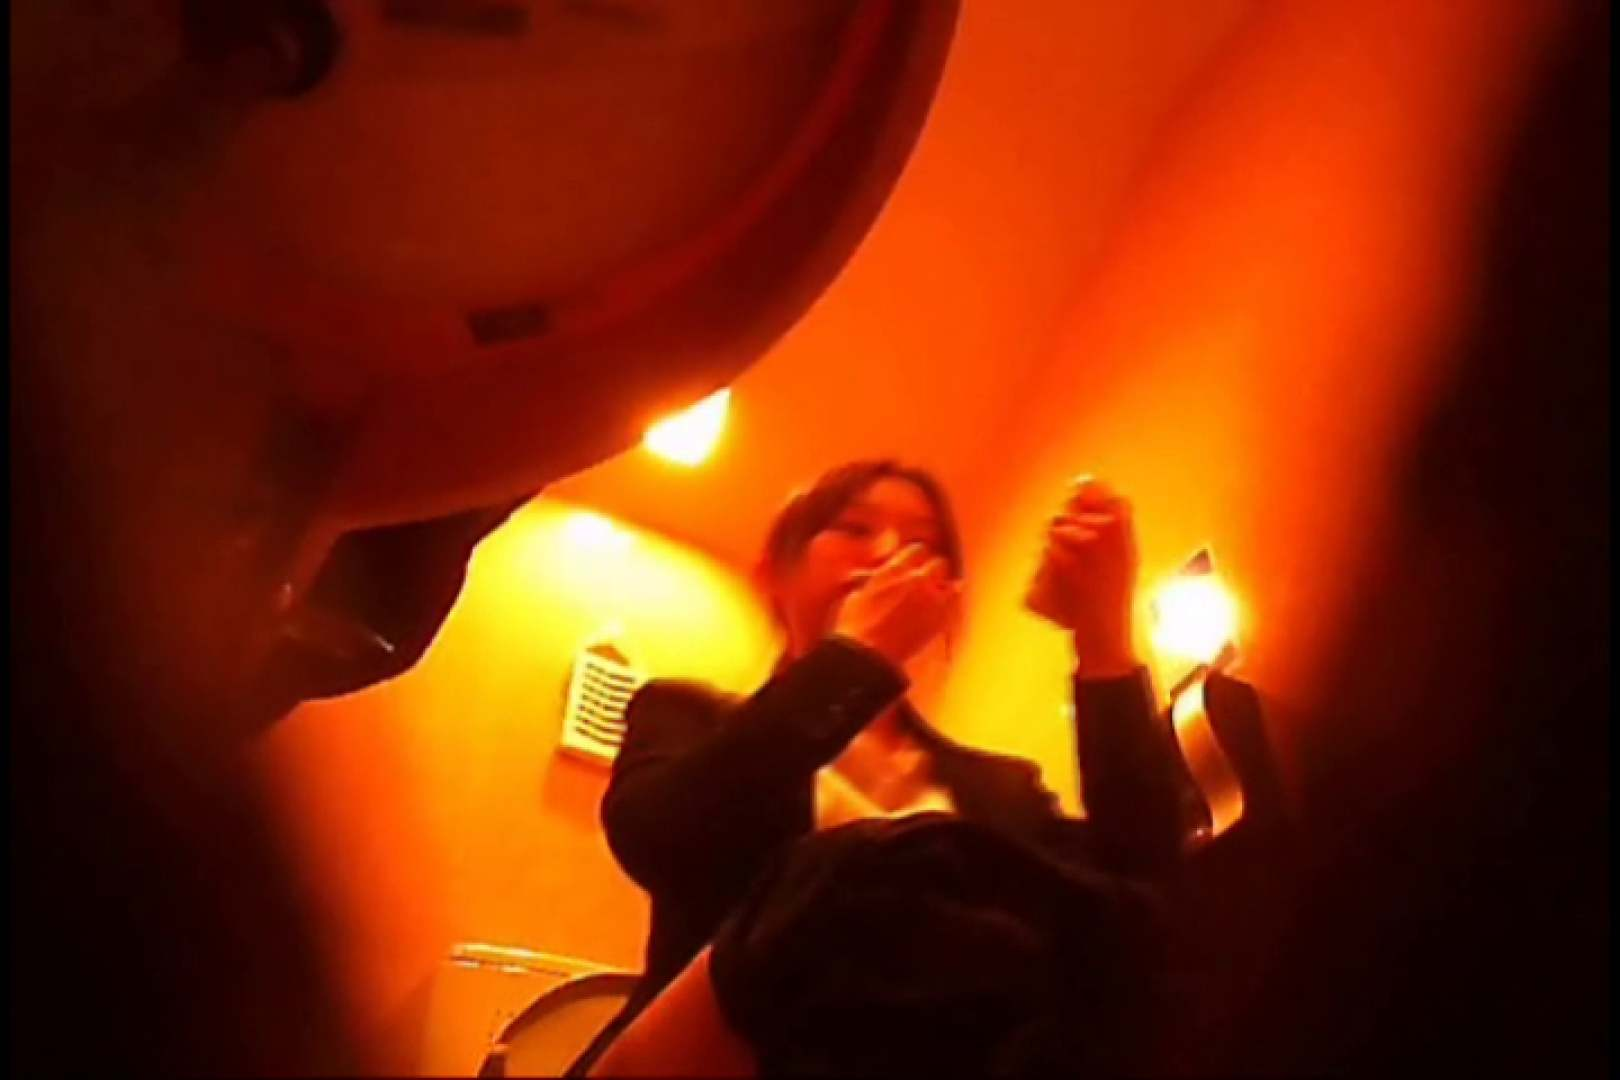 潜入!!女子化粧室盗撮~絶対見られたくない時間~vo,13 エロい熟女 盗み撮り動画 69枚